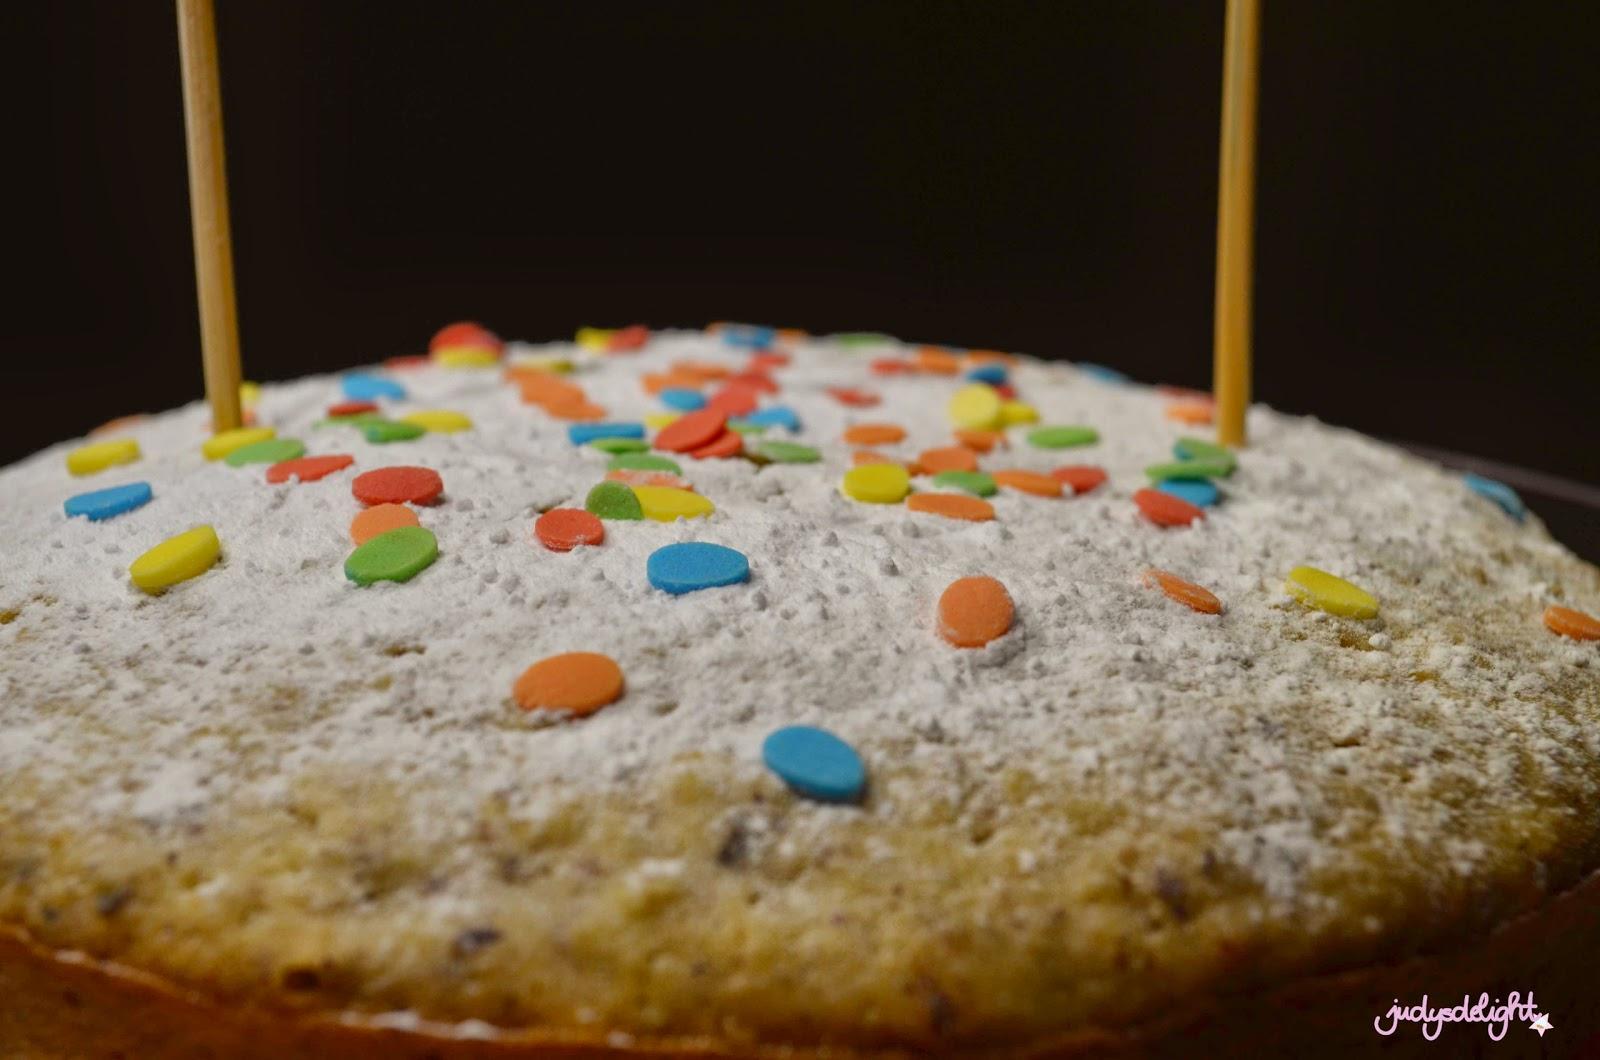 Amarettokuchen mit Äpfeln und Haselnüssen zu Wienerbrød Bloggeburtstagskaffeeklatsch von judysdelight [wienerbroed.com]